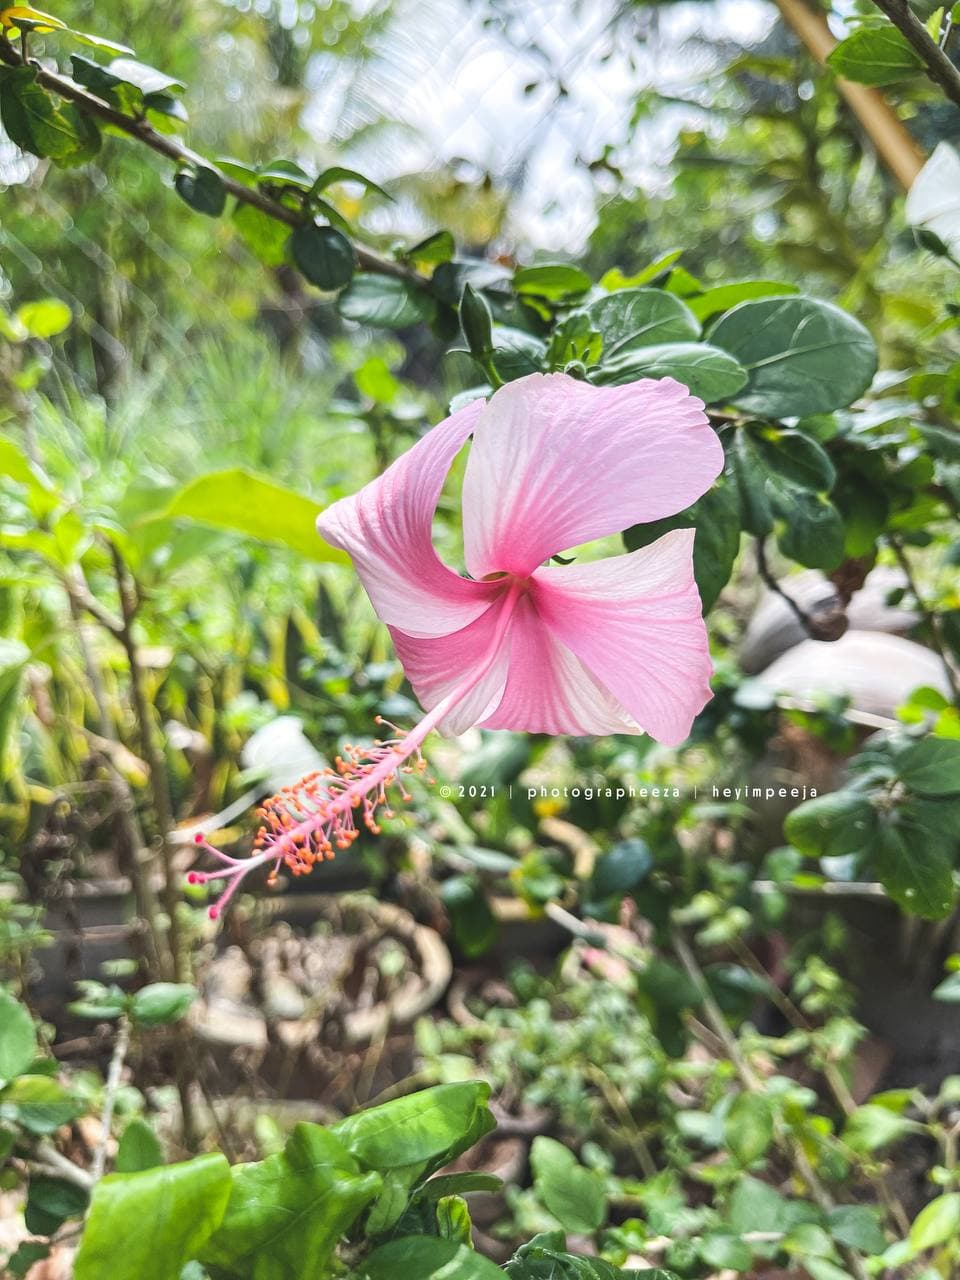 Bunga Raya Merah Jambu